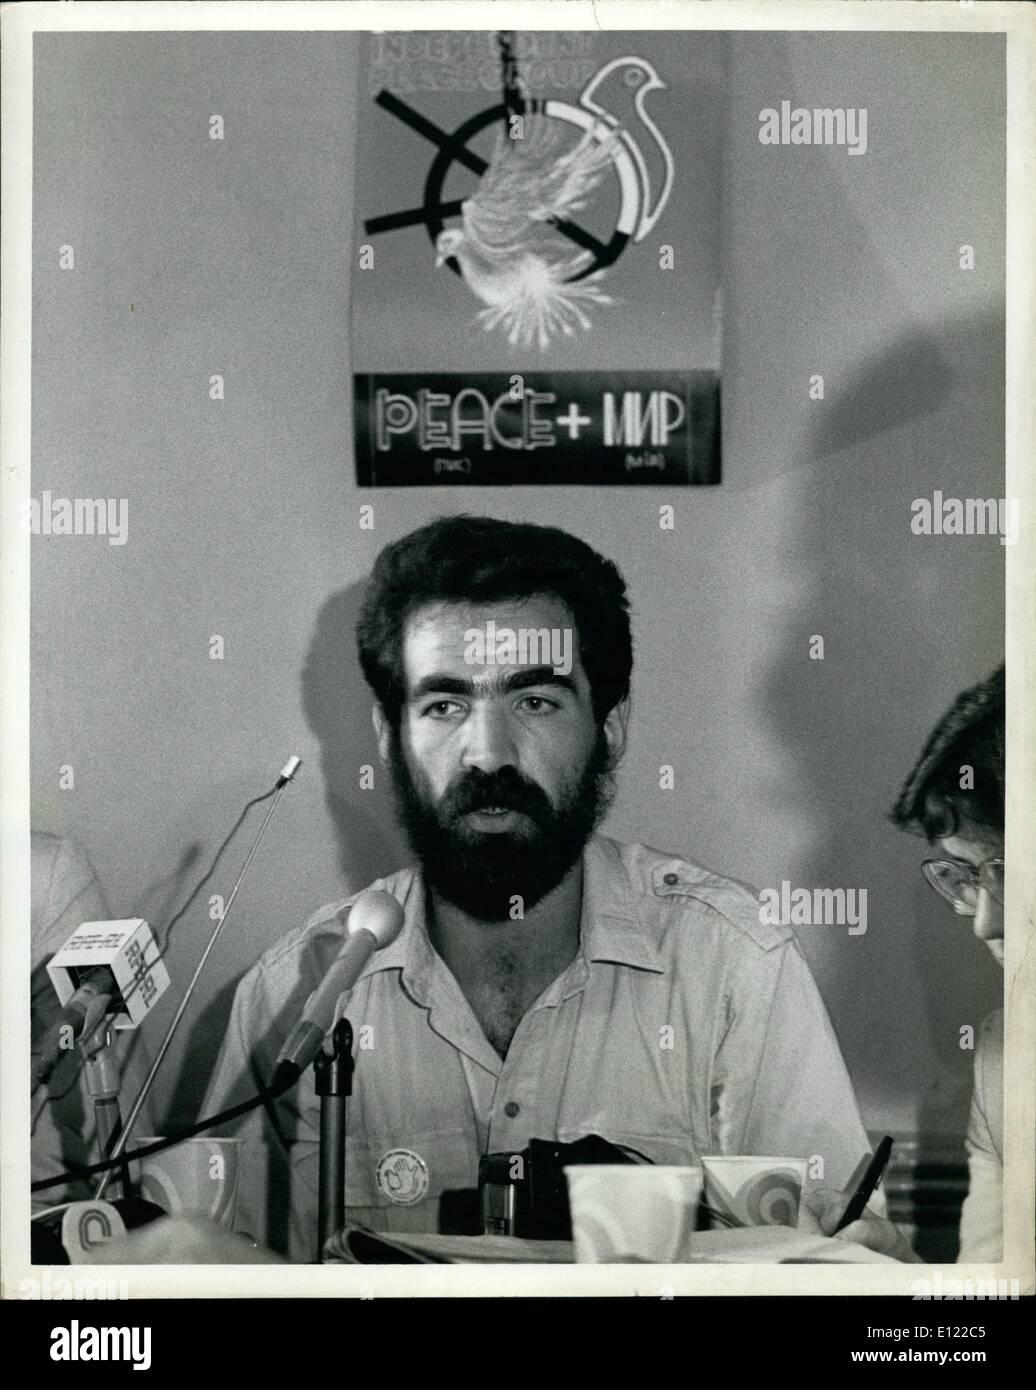 Jun 06, 1983 - El jueves 30 de junio de 1983, la ciudad de Nueva York: uno de los foundres independiente de el grupo de paz soviético, Sergie Batovrin, celebró la primera conferencia de prensa de hoy desde la llegada de la Unión Soviética. mr. Batovrin quien ayudó a fundar el ''grupo para establecer una relación de confianza entre la URSS y los EE.UU.'', fue encarcelado durante un mes en el hospital nuerological psycho #114 en Moscú el pasado año y se perseguían continuamente por las autoridades soviéticas hasta su expulsión forzosa el 19 de junio de este año.El Sr. batorvin, un artista, estuvo en la conferencia prress con un compañero, fundador del grupo Mr Imagen De Stock